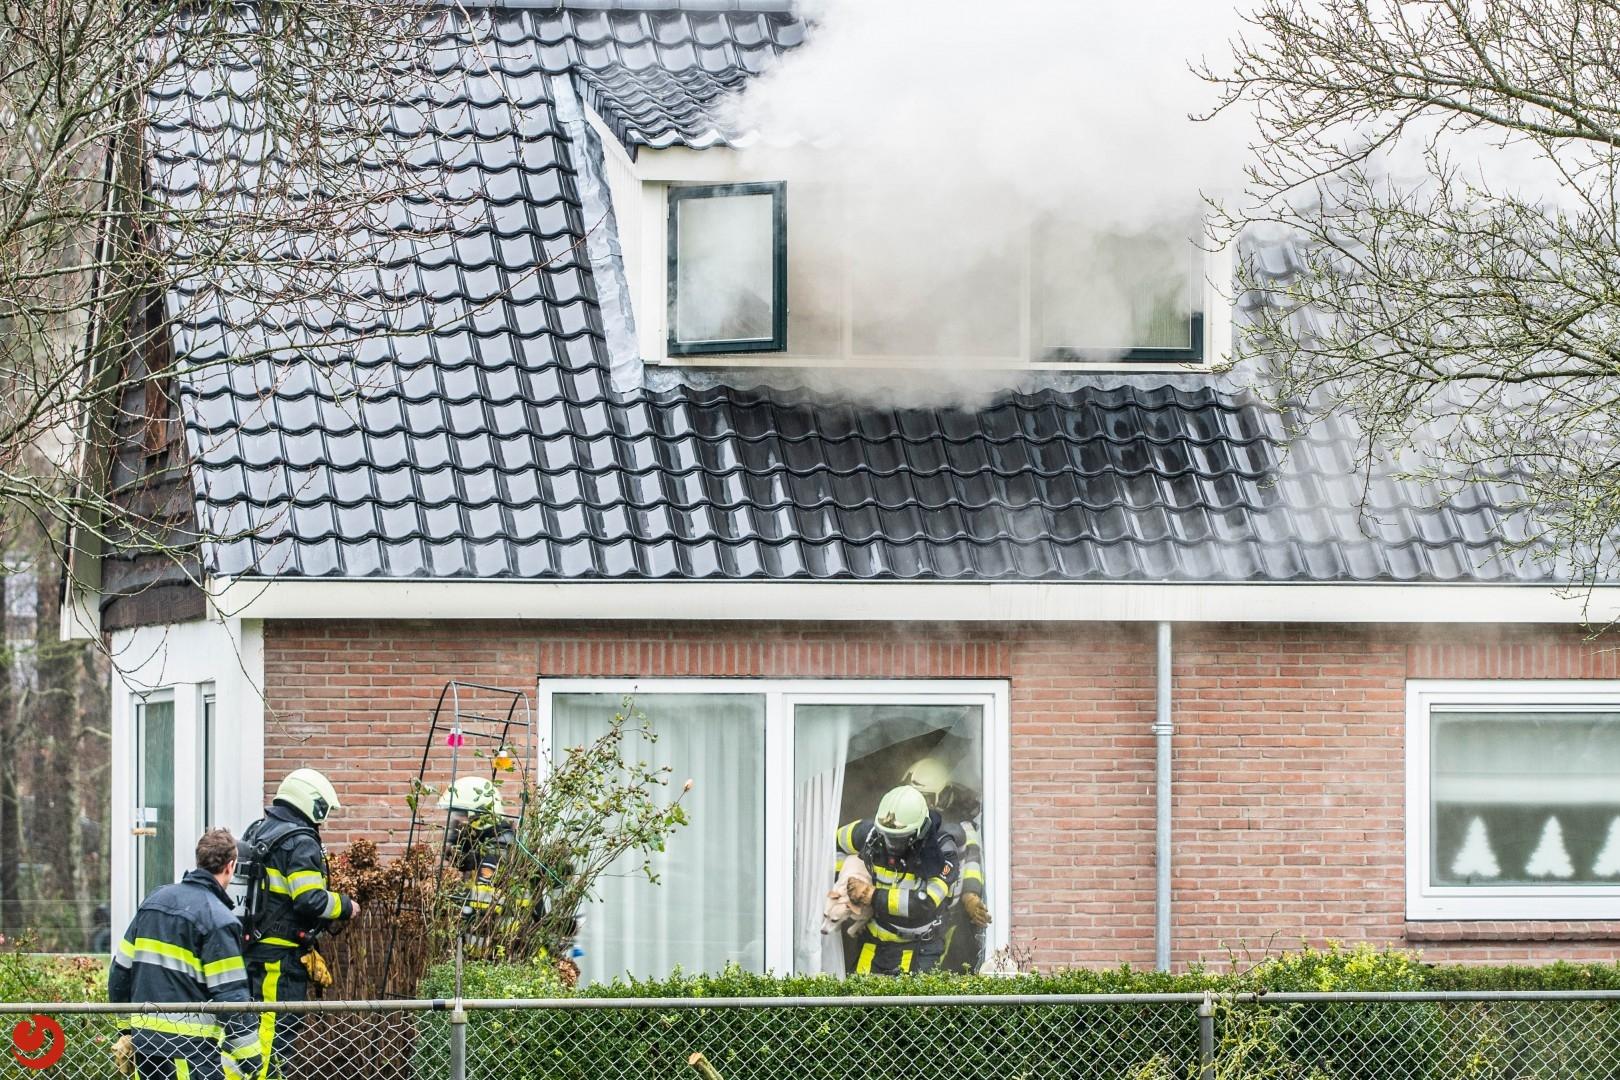 Brandweerlieden redden hond uit brandende woning